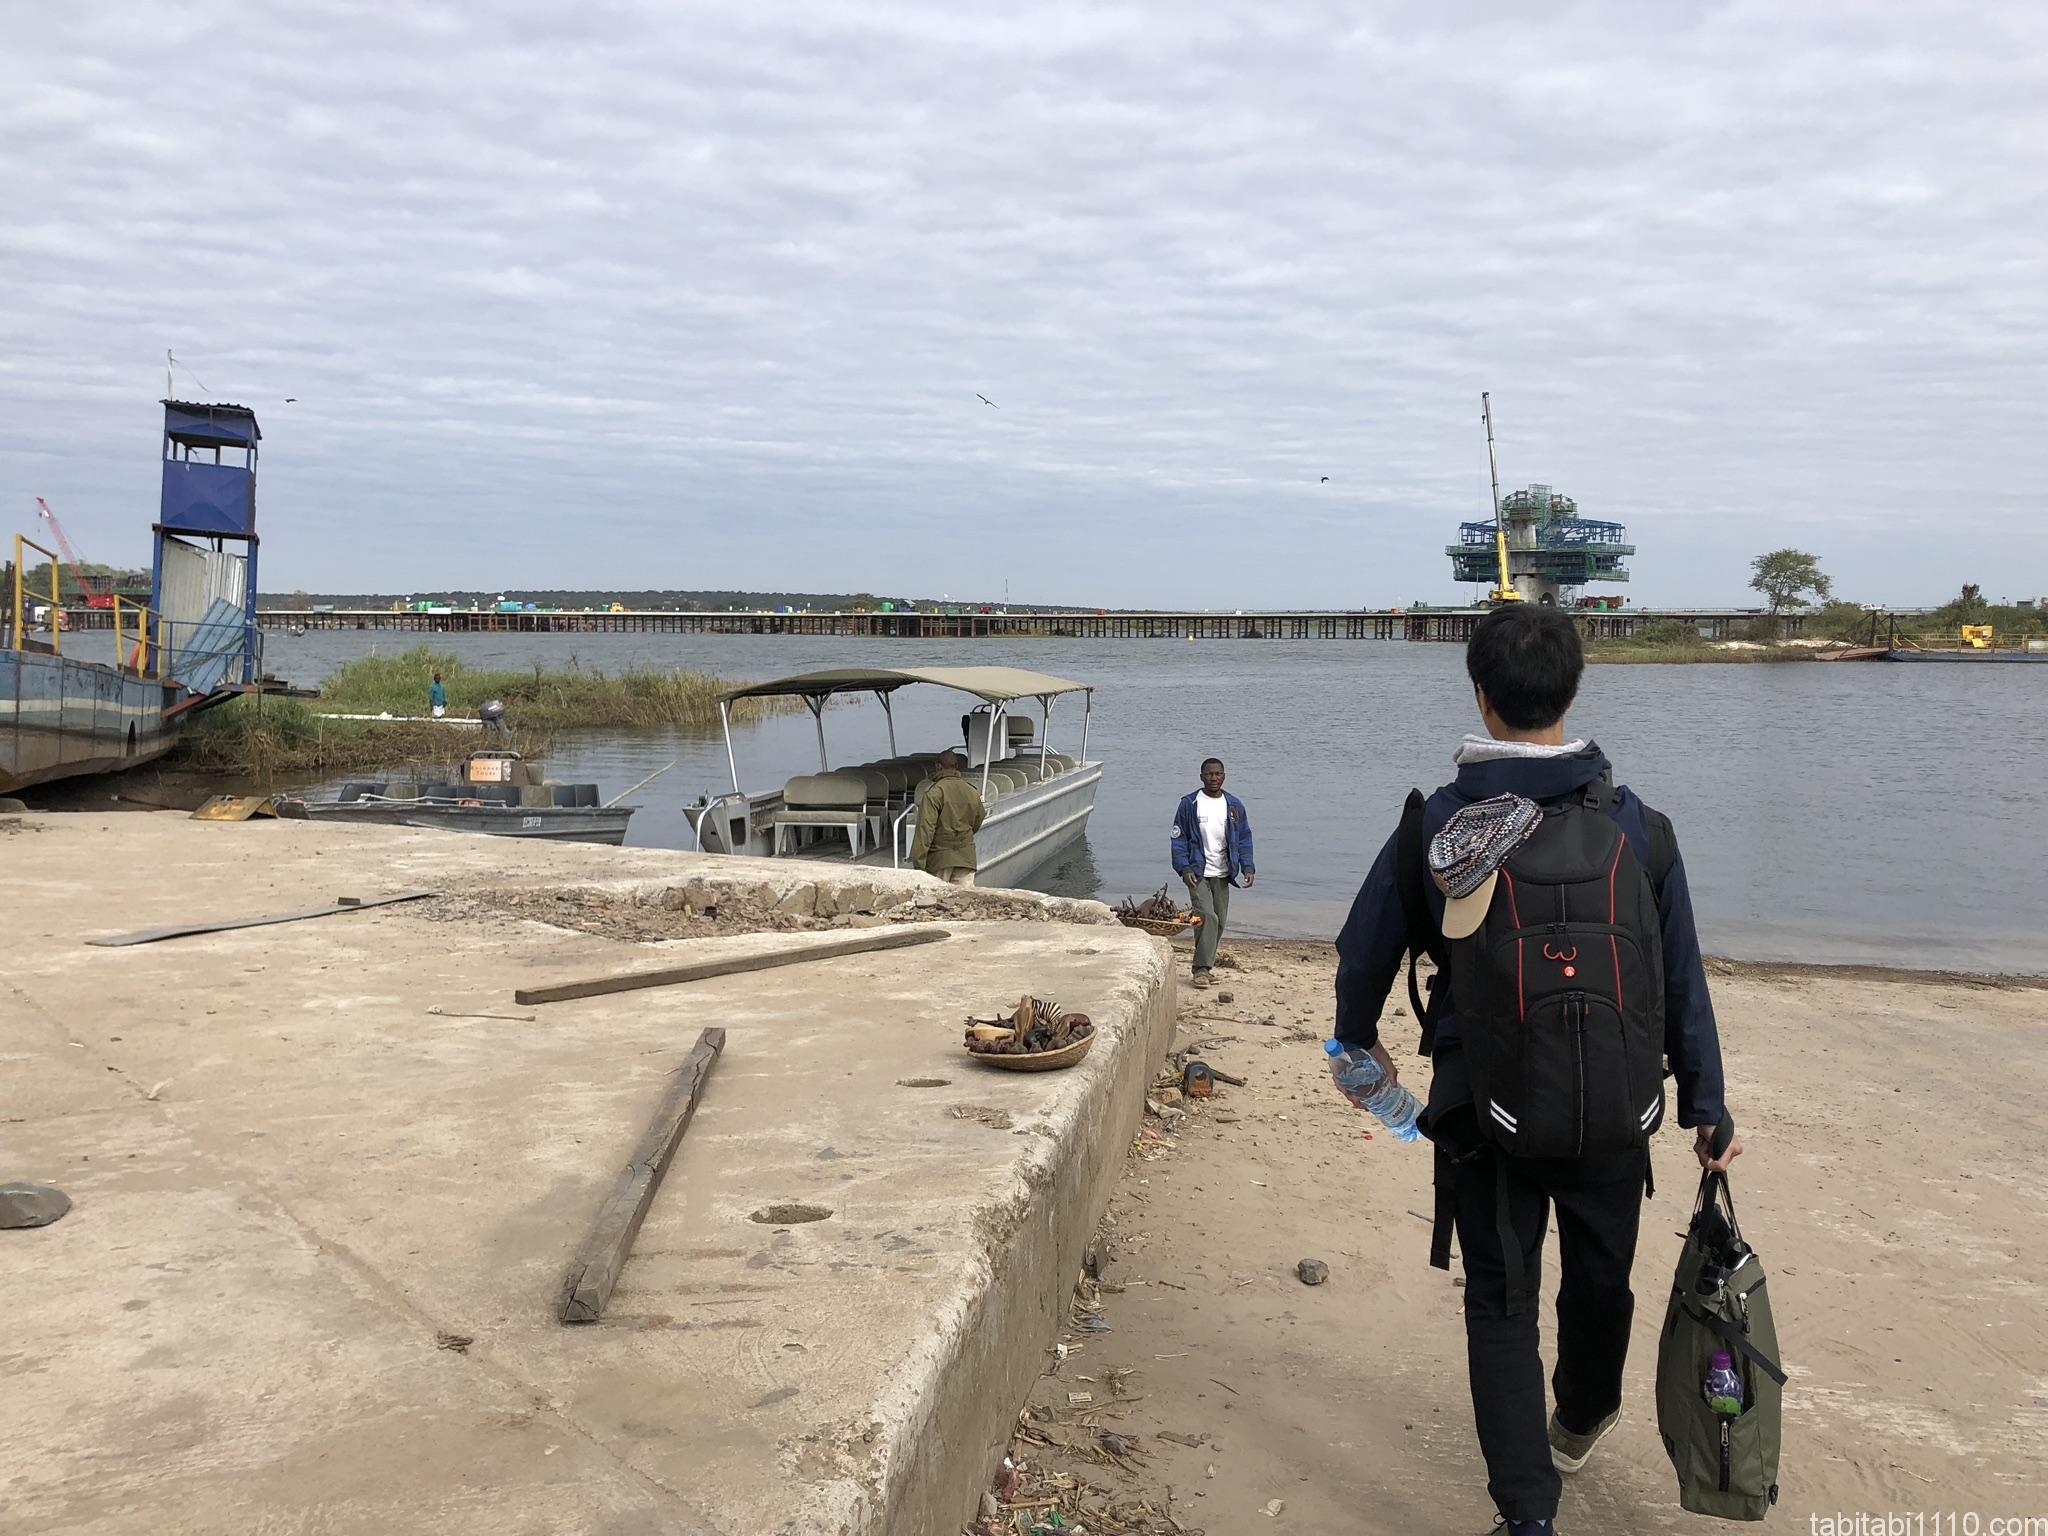 ザンビア国境の様子